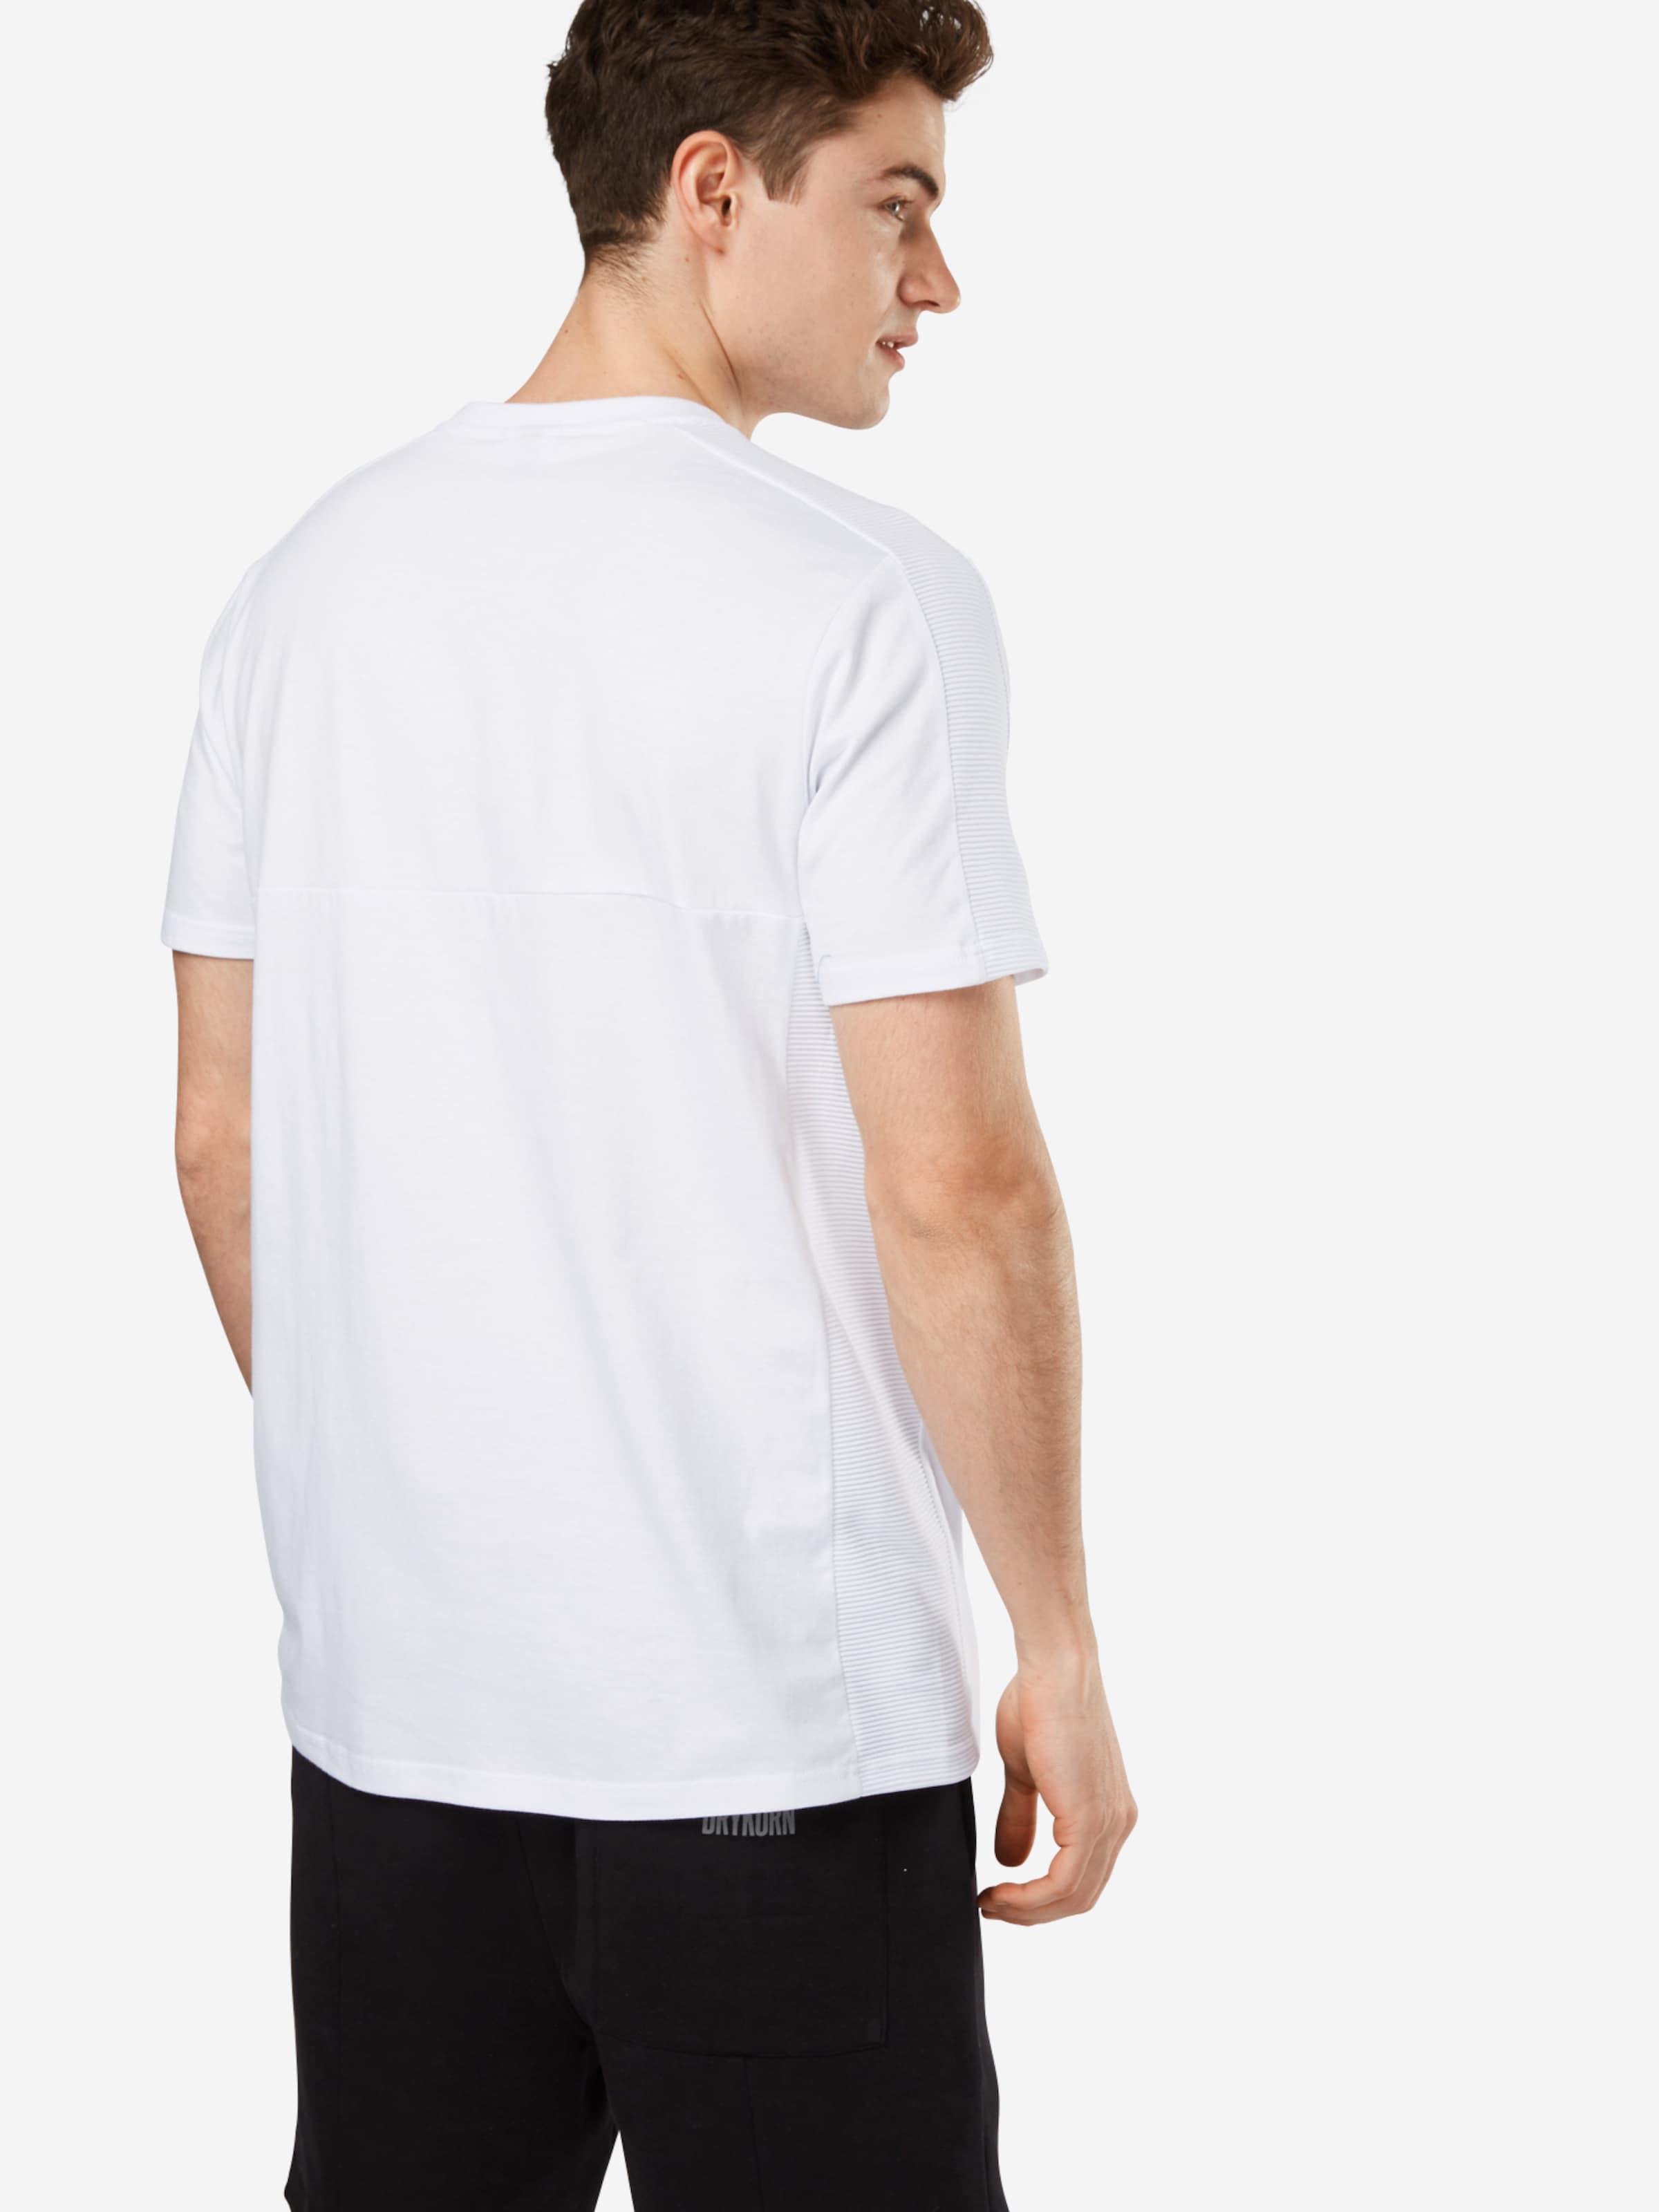 ELLESSE T-Shirt 'BOMA' Billig Manchester Billig Authentisch Auslass Freies Verschiffen Großer Verkauf Günstig Kaufen Klassisch YwrxnGZ6D